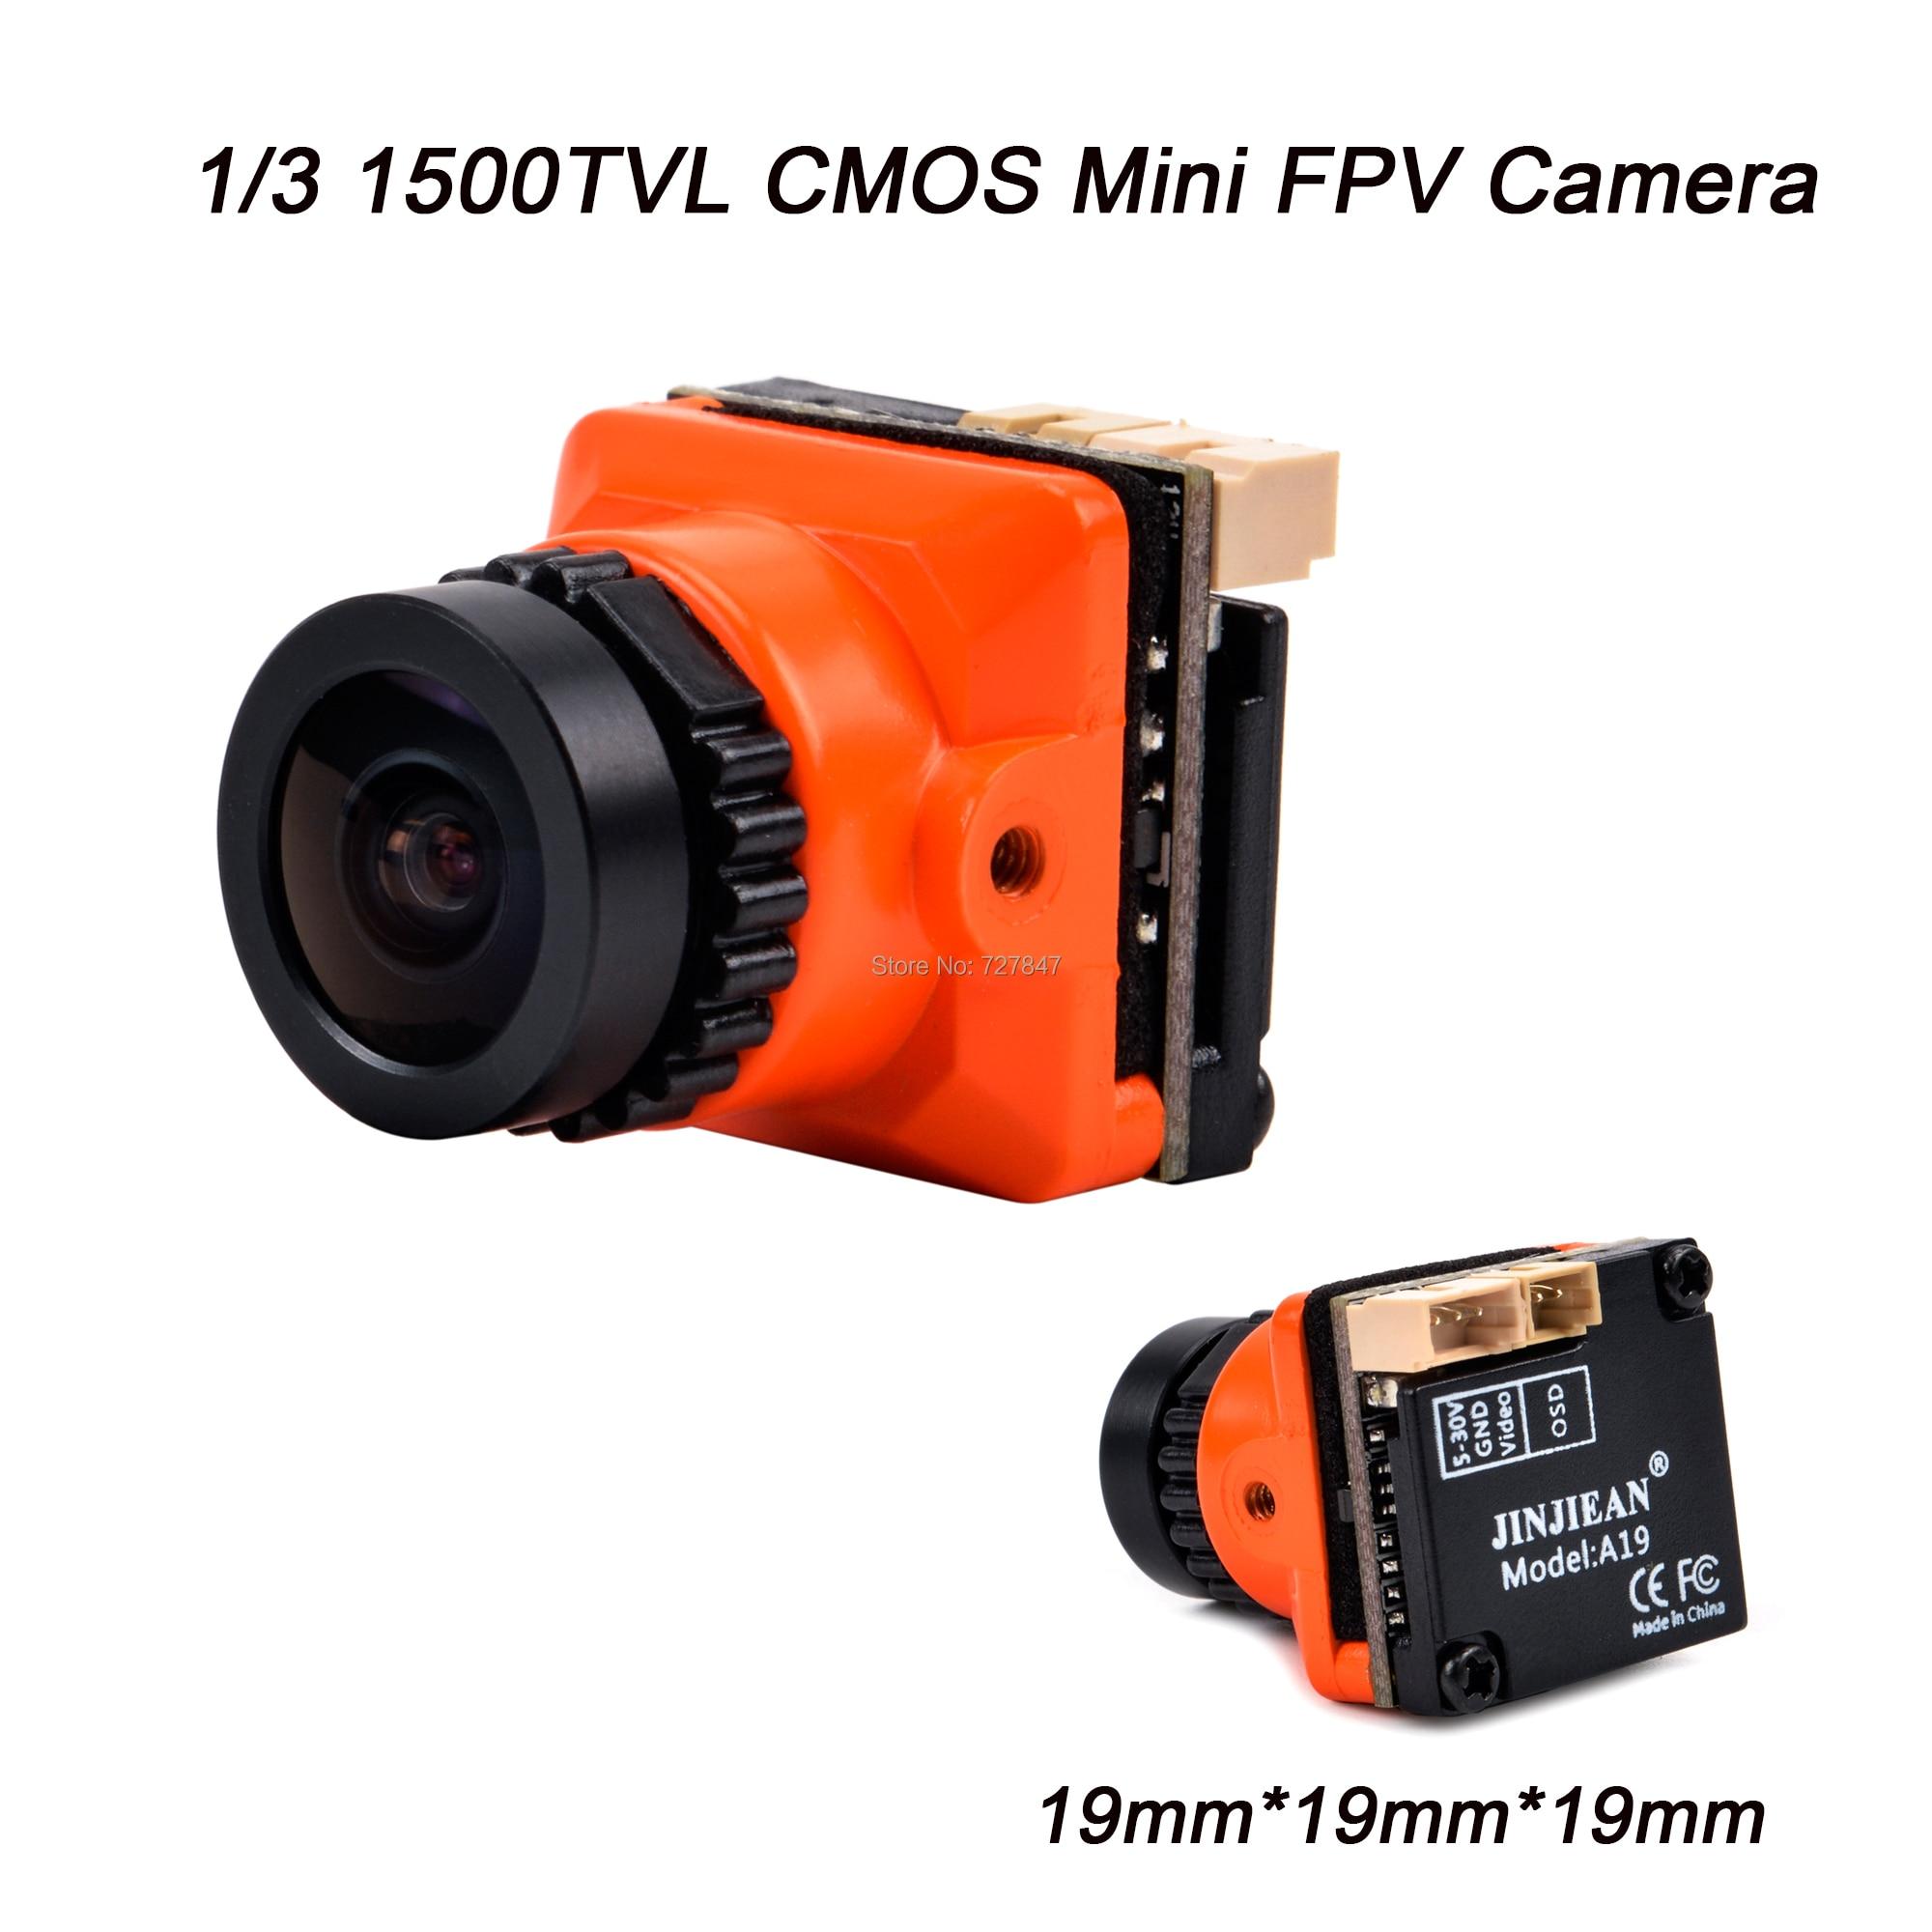 Новая Мини FPV камера 1/3 CMOS 1500TVL B19, мощность объектива 2,1 мм, 5 в-30 в PAL / NTSC с OSD, Внутренняя регулировка для RC FPV Racing Drone